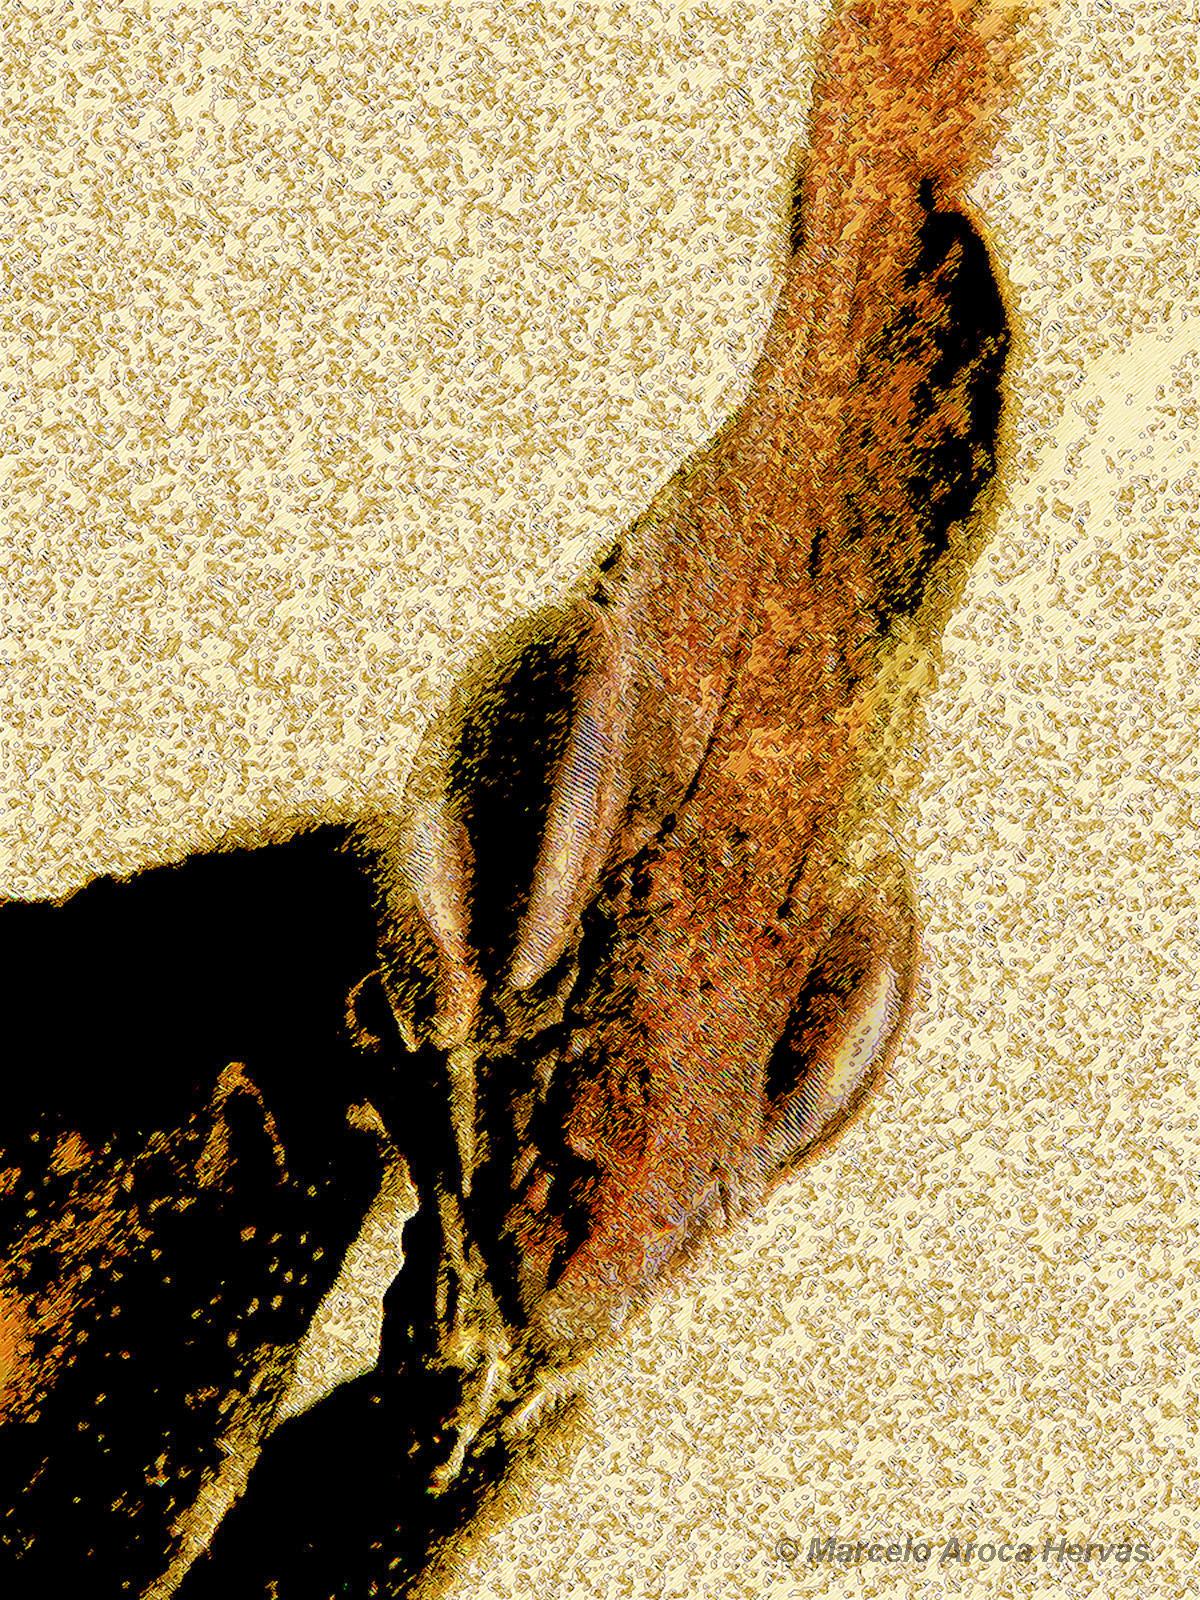 Phyllocrania paradoxa